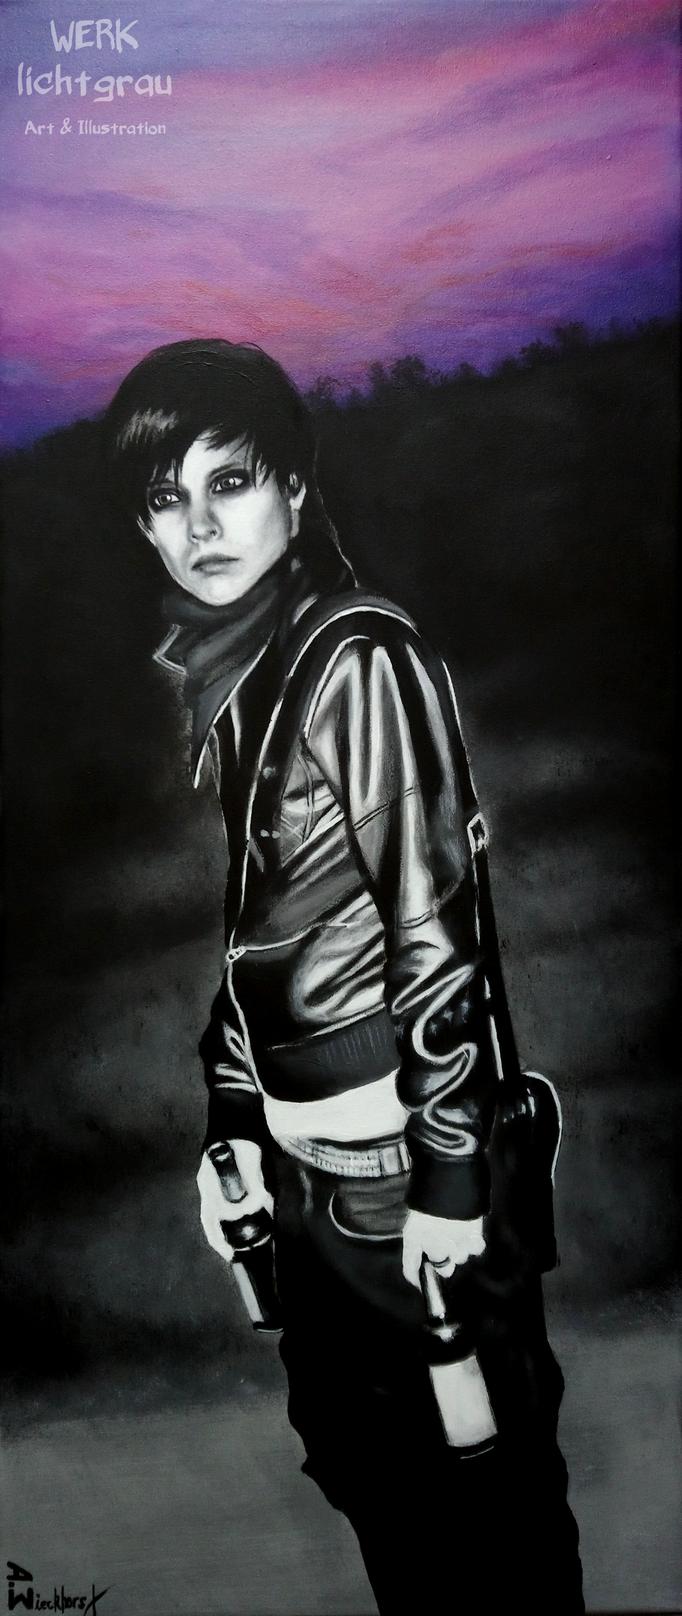 """""""feeling violet"""", Acryl auf Leinwand, 30 x 70 cm, 2018"""